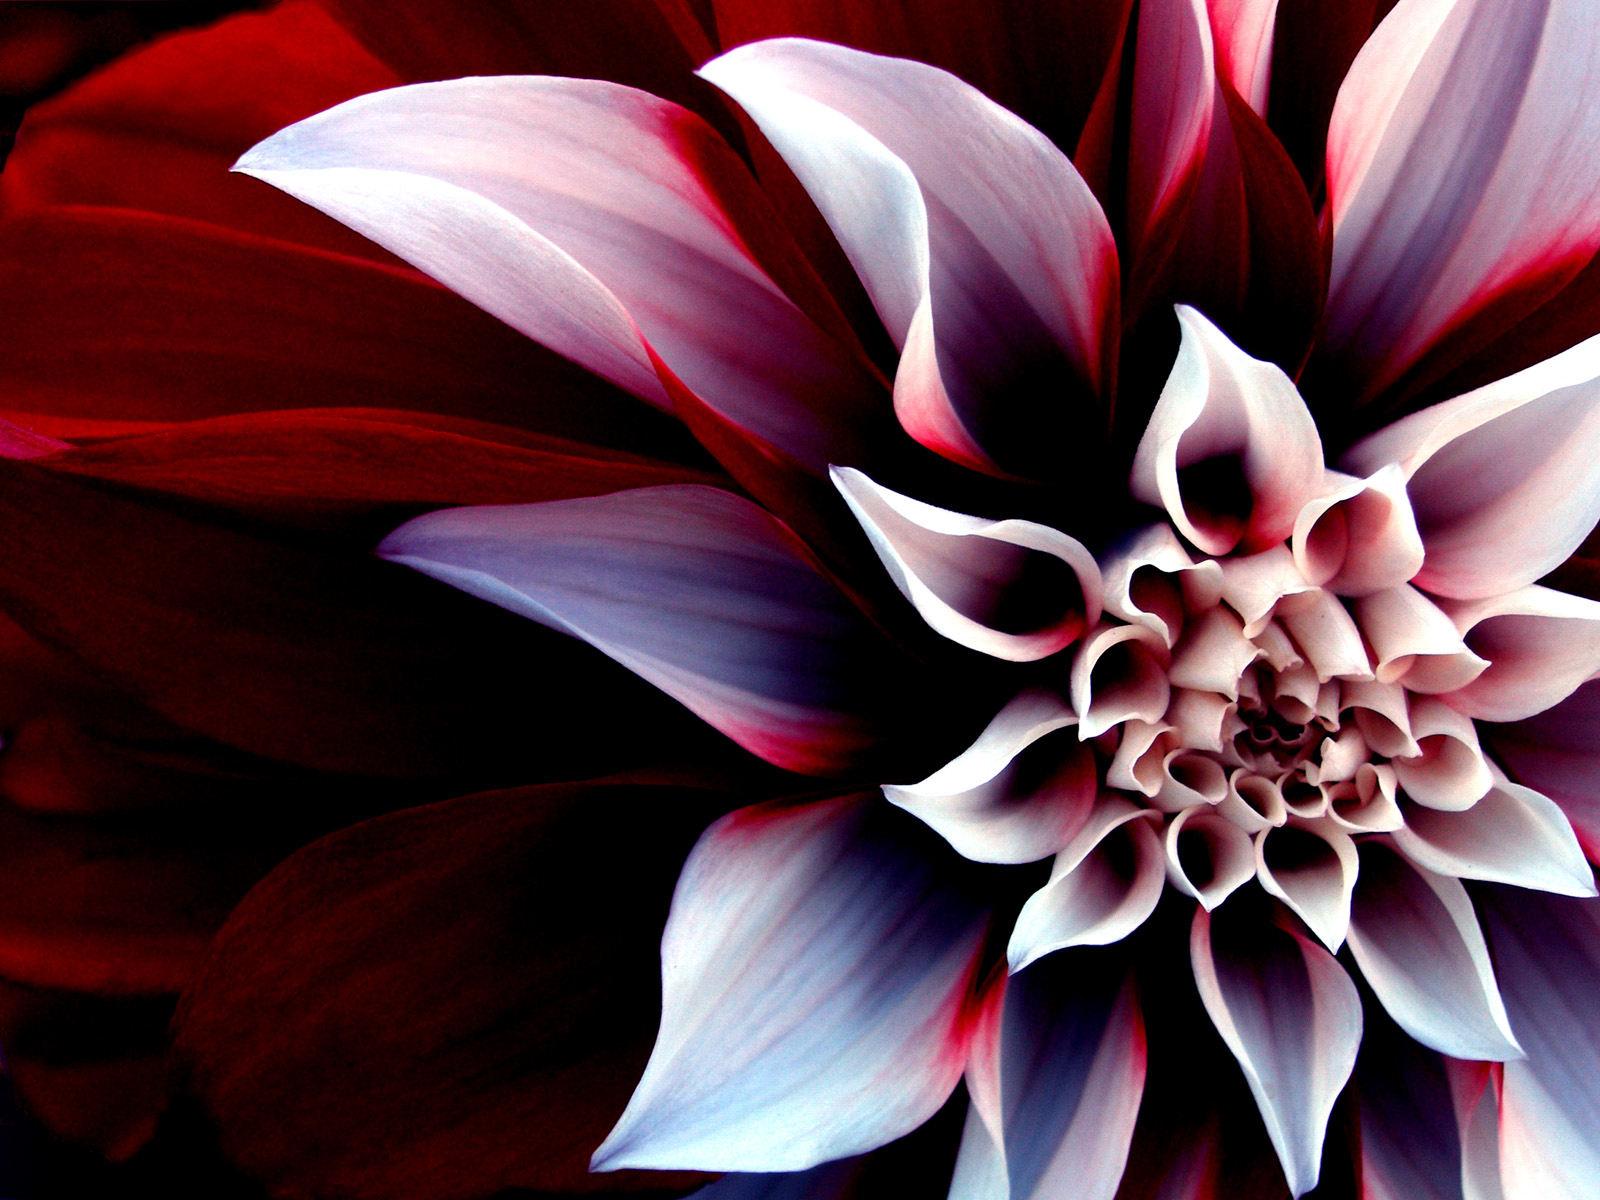 кухню самые красивые картинки про цветы сам